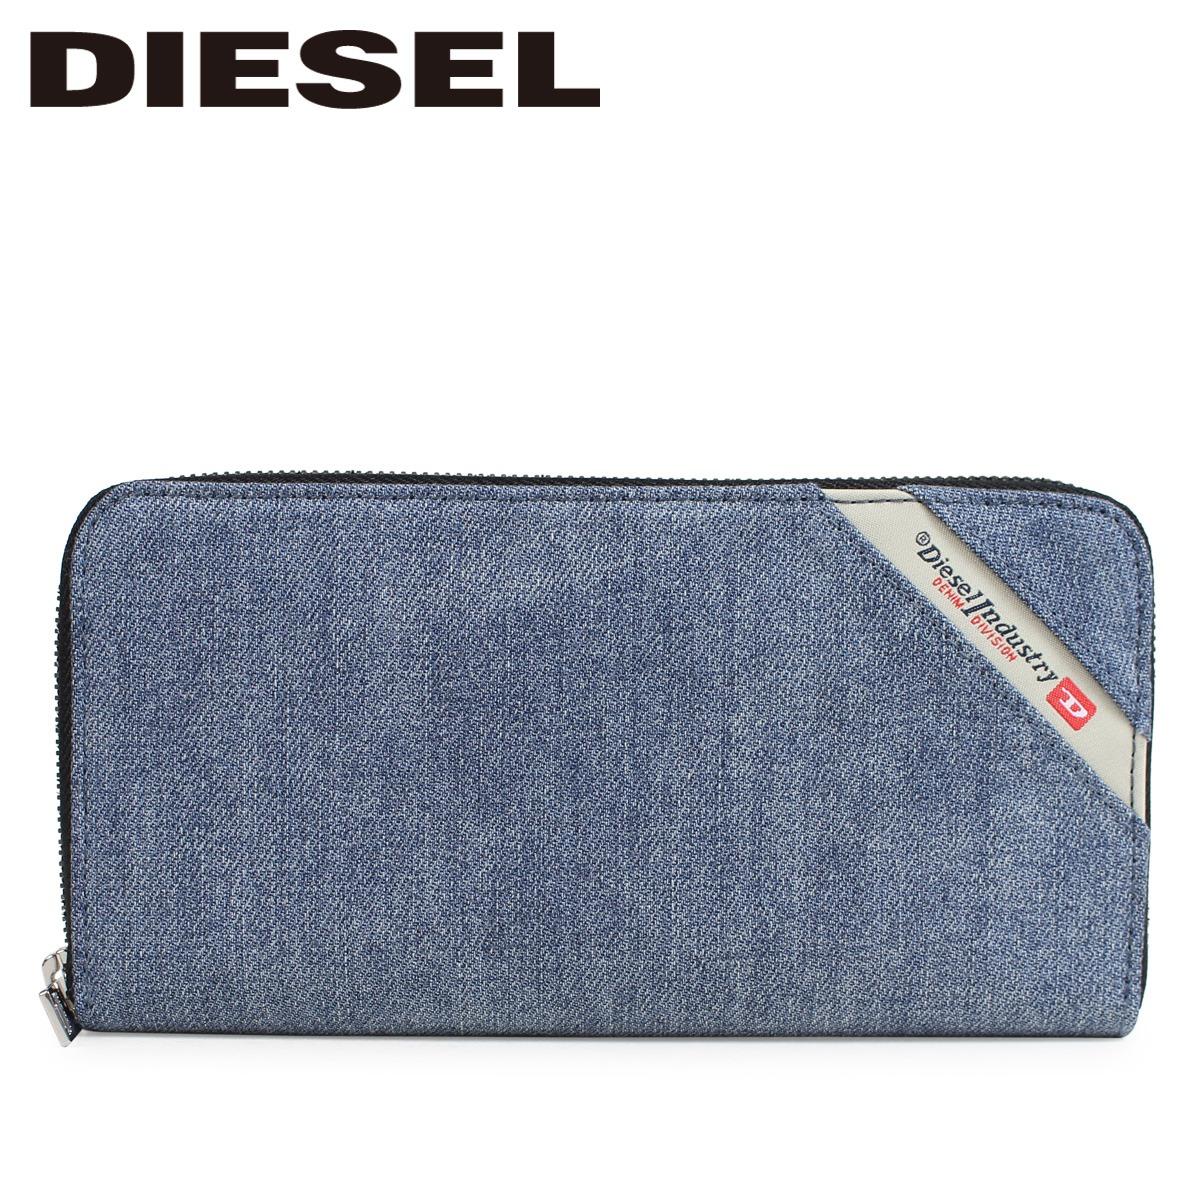 ディーゼル DIESEL 財布 メンズ 長財布 ラウンドファスナー DENIMLINE 24 ZIP ブルー X05271 PS778